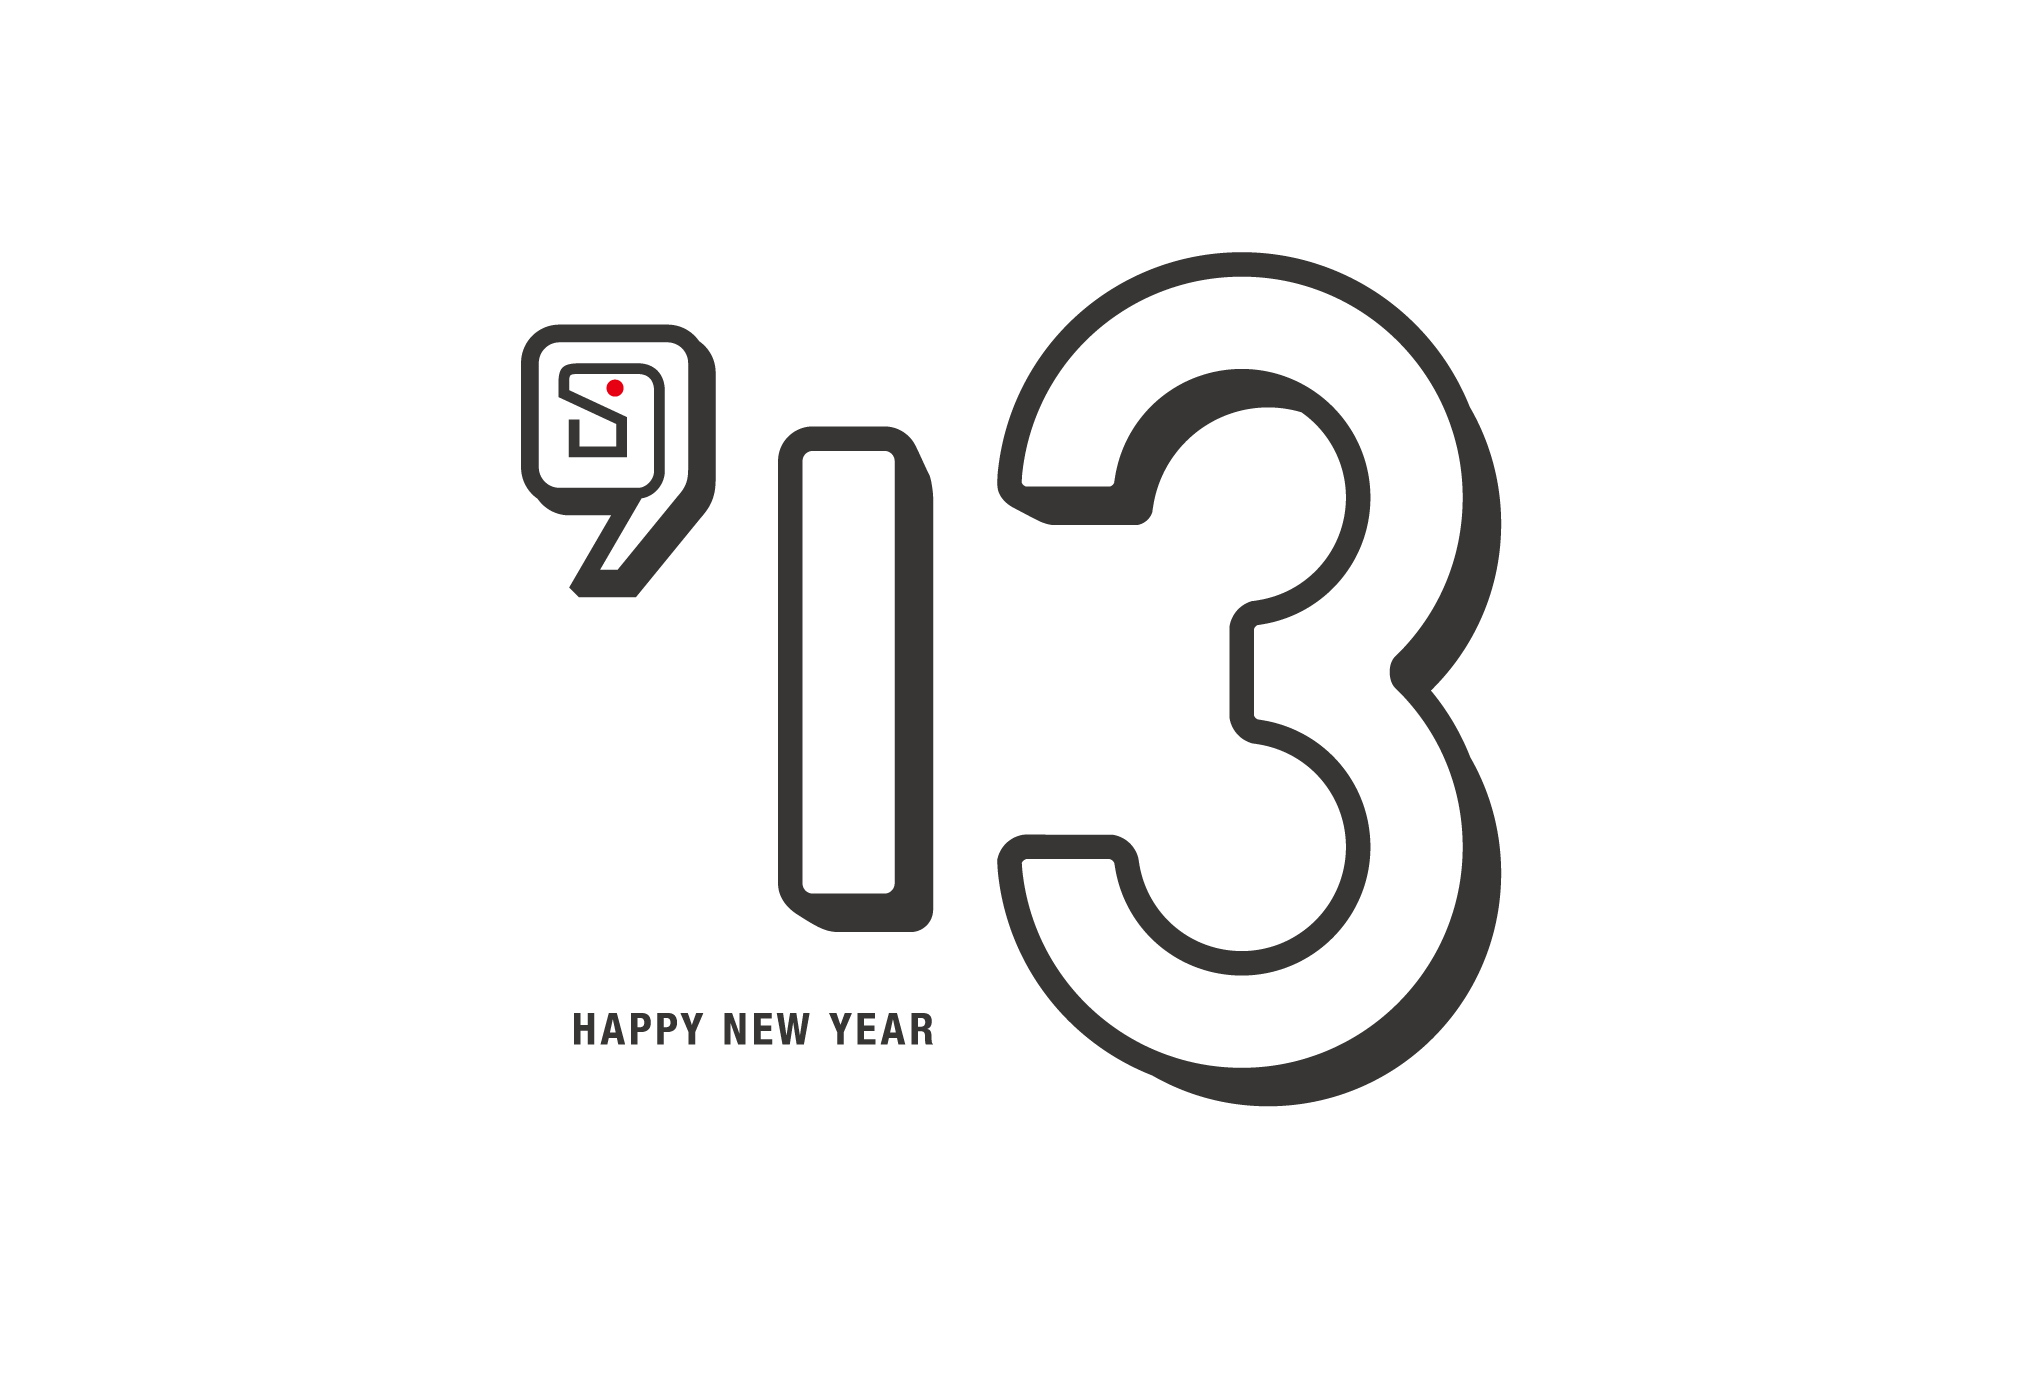 2013年賀状11:Snake '13のダウンロード画像